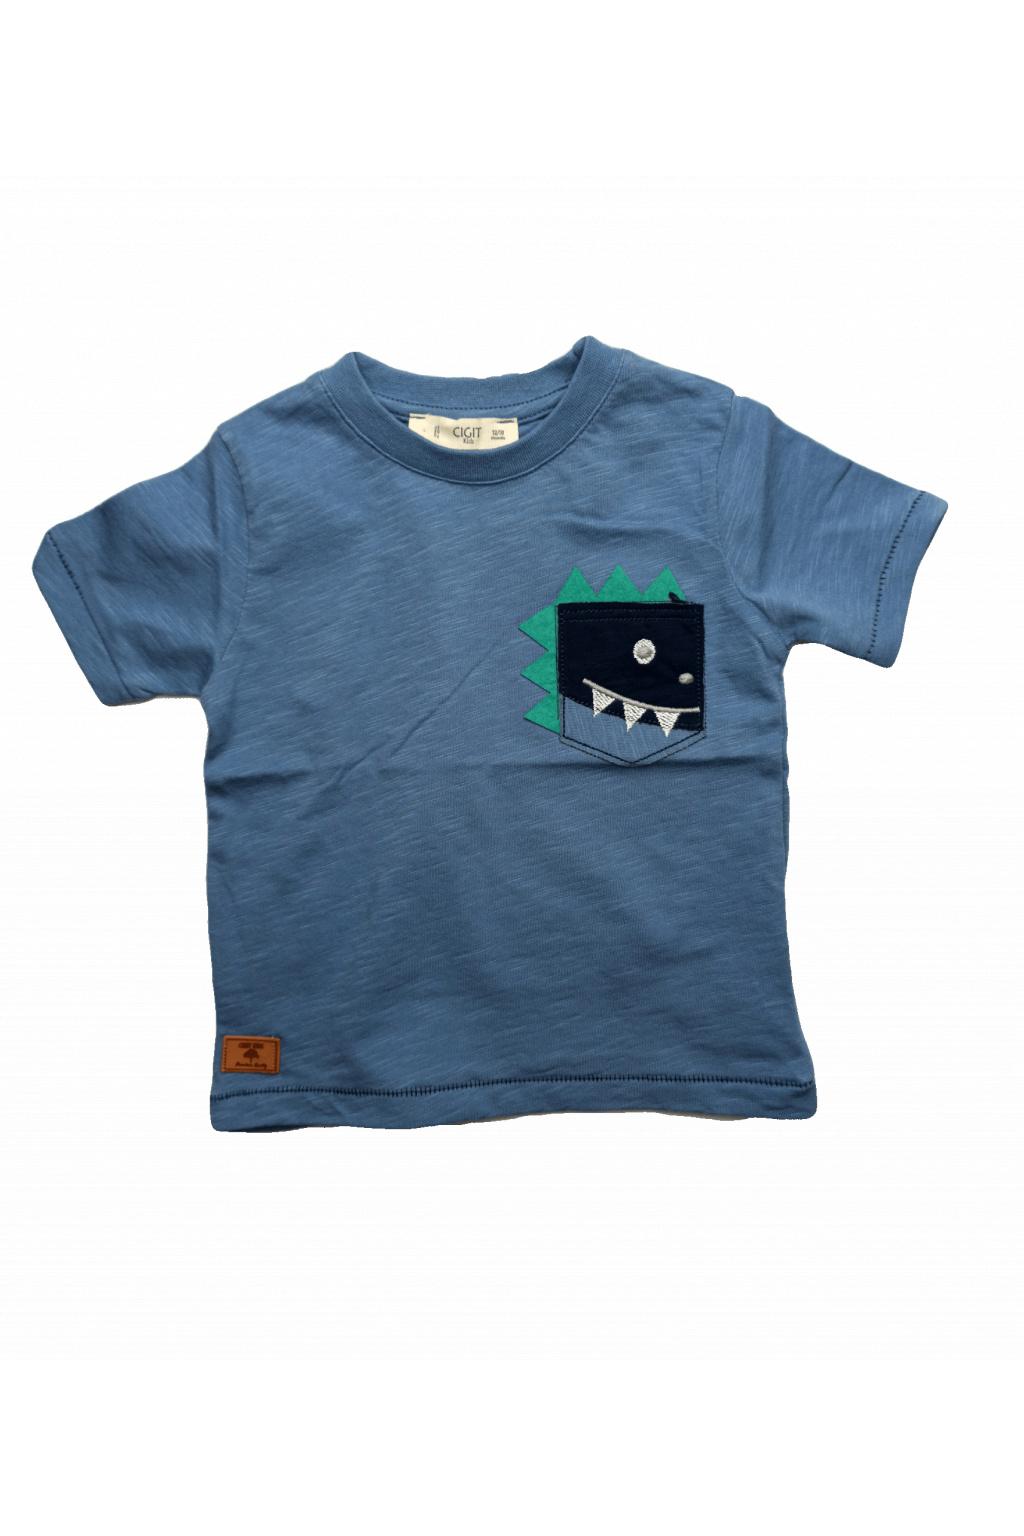 Vzdušné chlapecké tričko